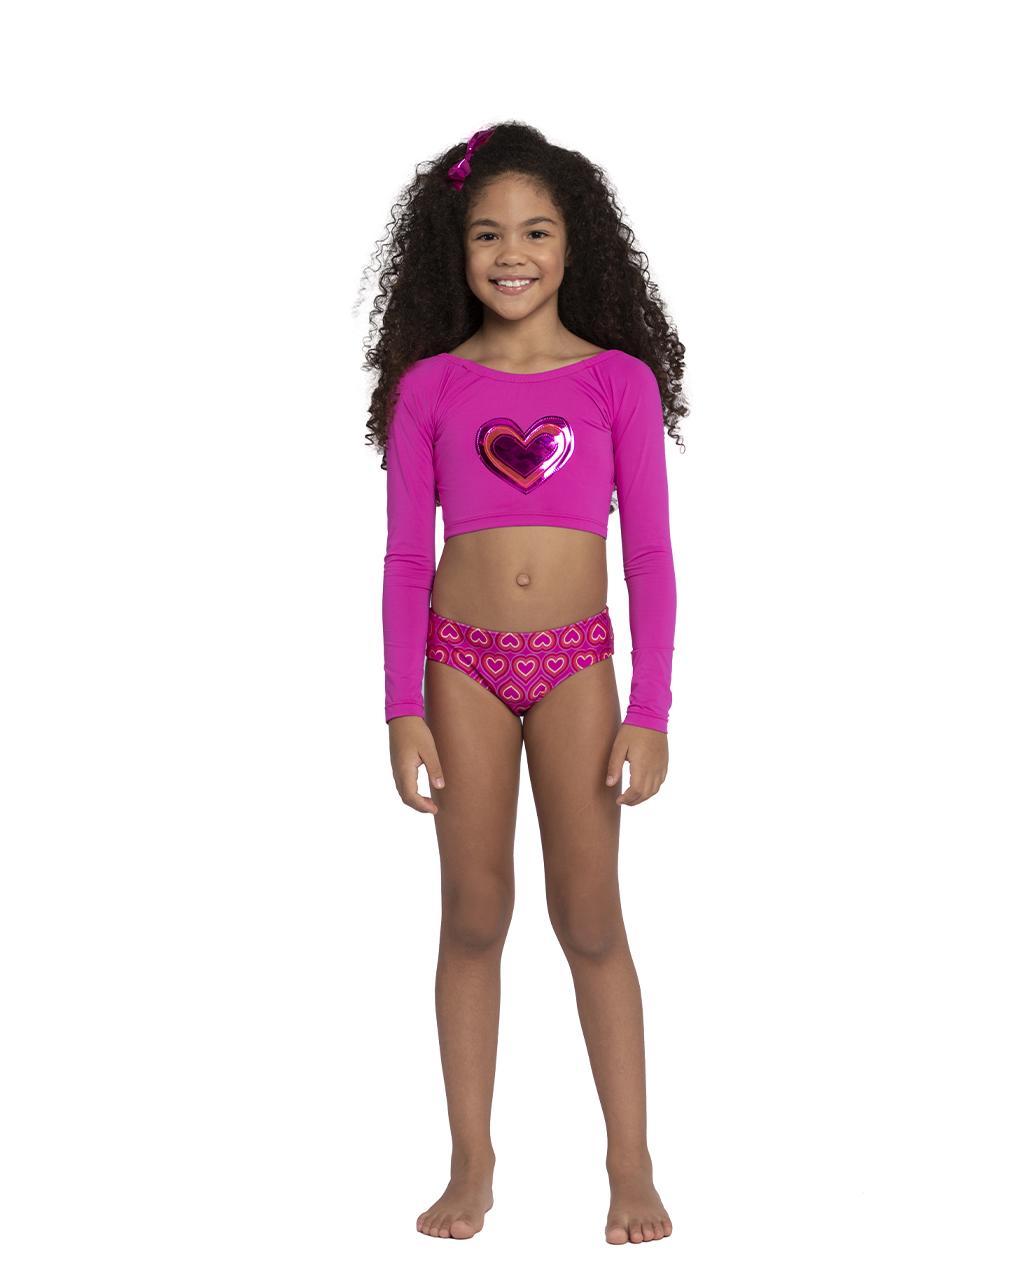 Biquini Infantil Cropped Amarração nas Costas Coração Rosa Siri